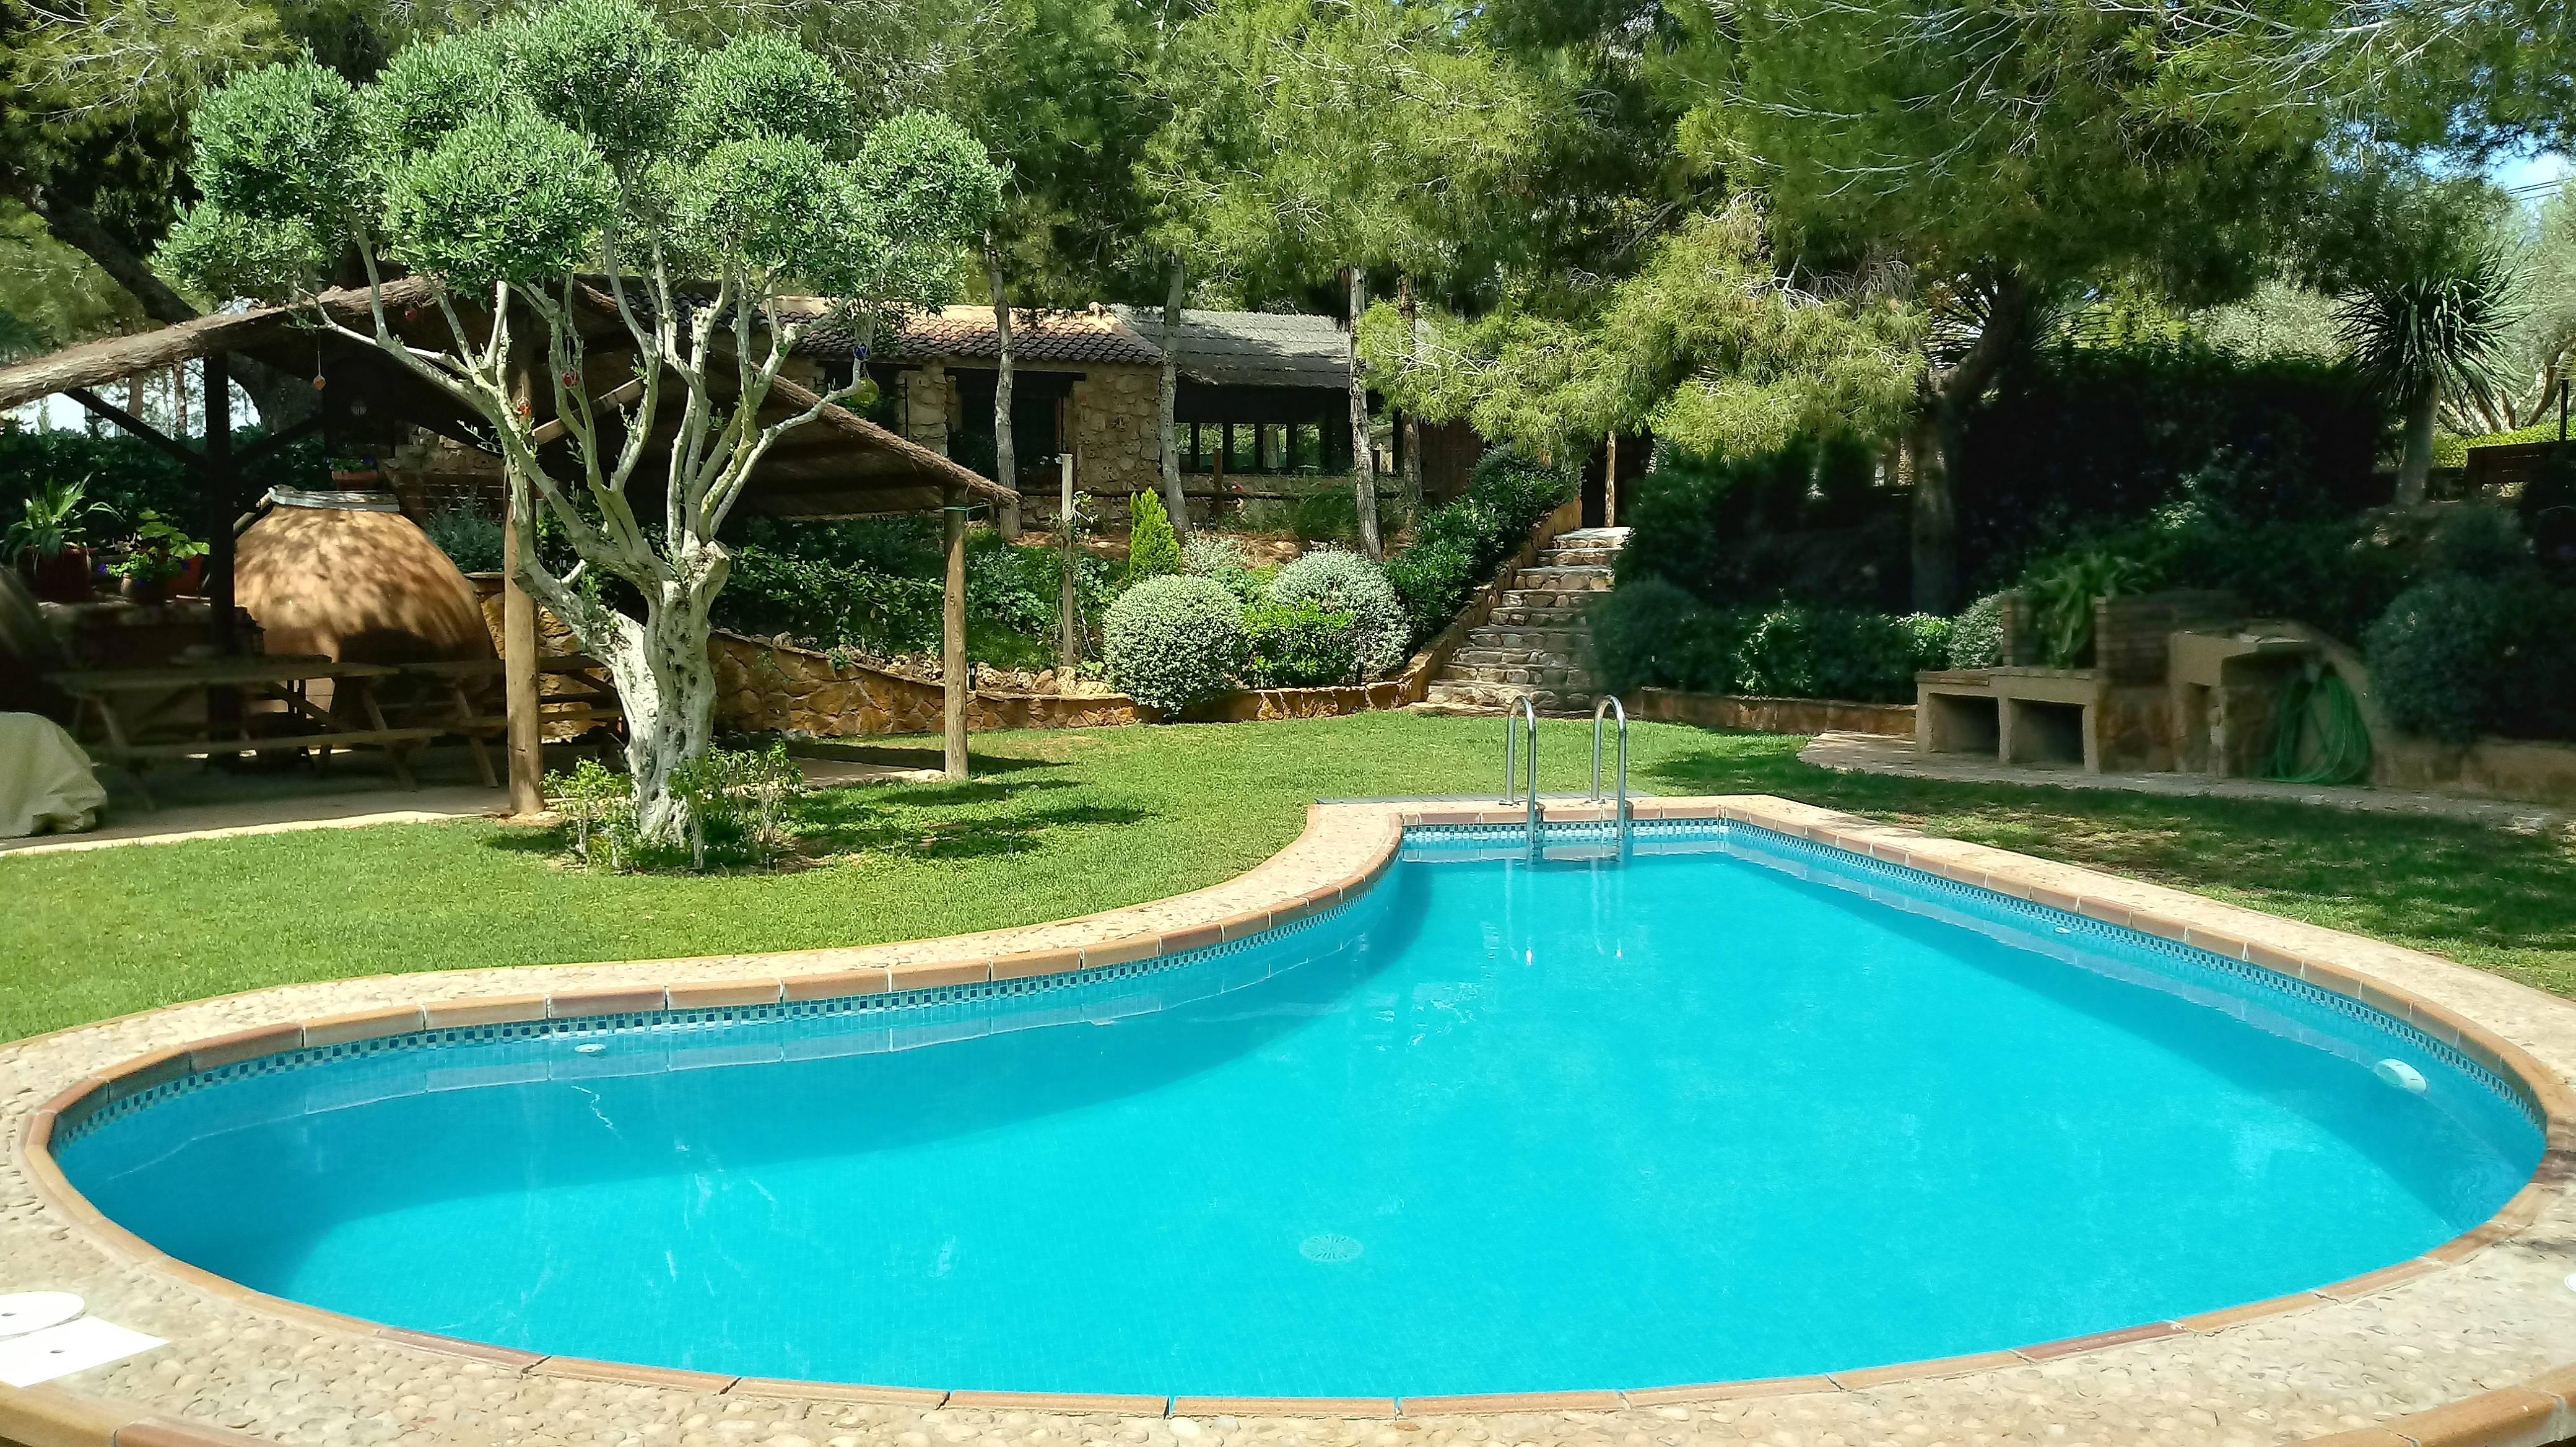 Casa de f rias piscina propriedade de 5000 m2 pilar de for Piscina alicante